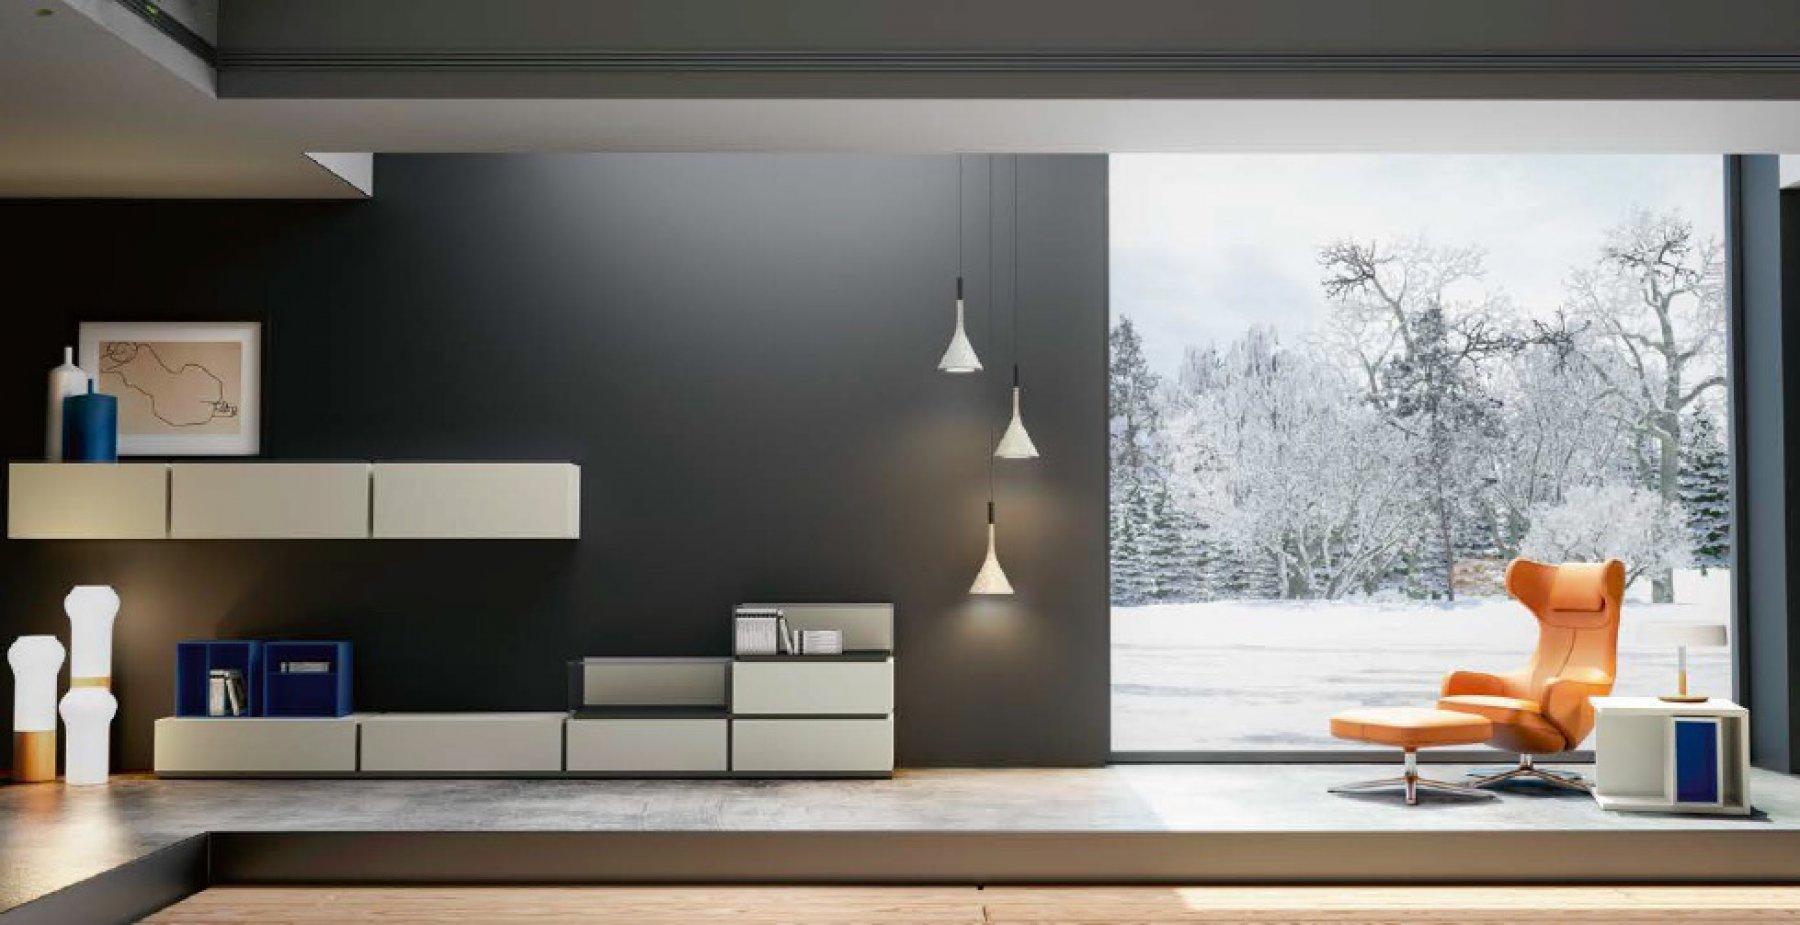 Muebles de dise o para acompa ar los d as de nieve emede for Muebles de diseno online outlet